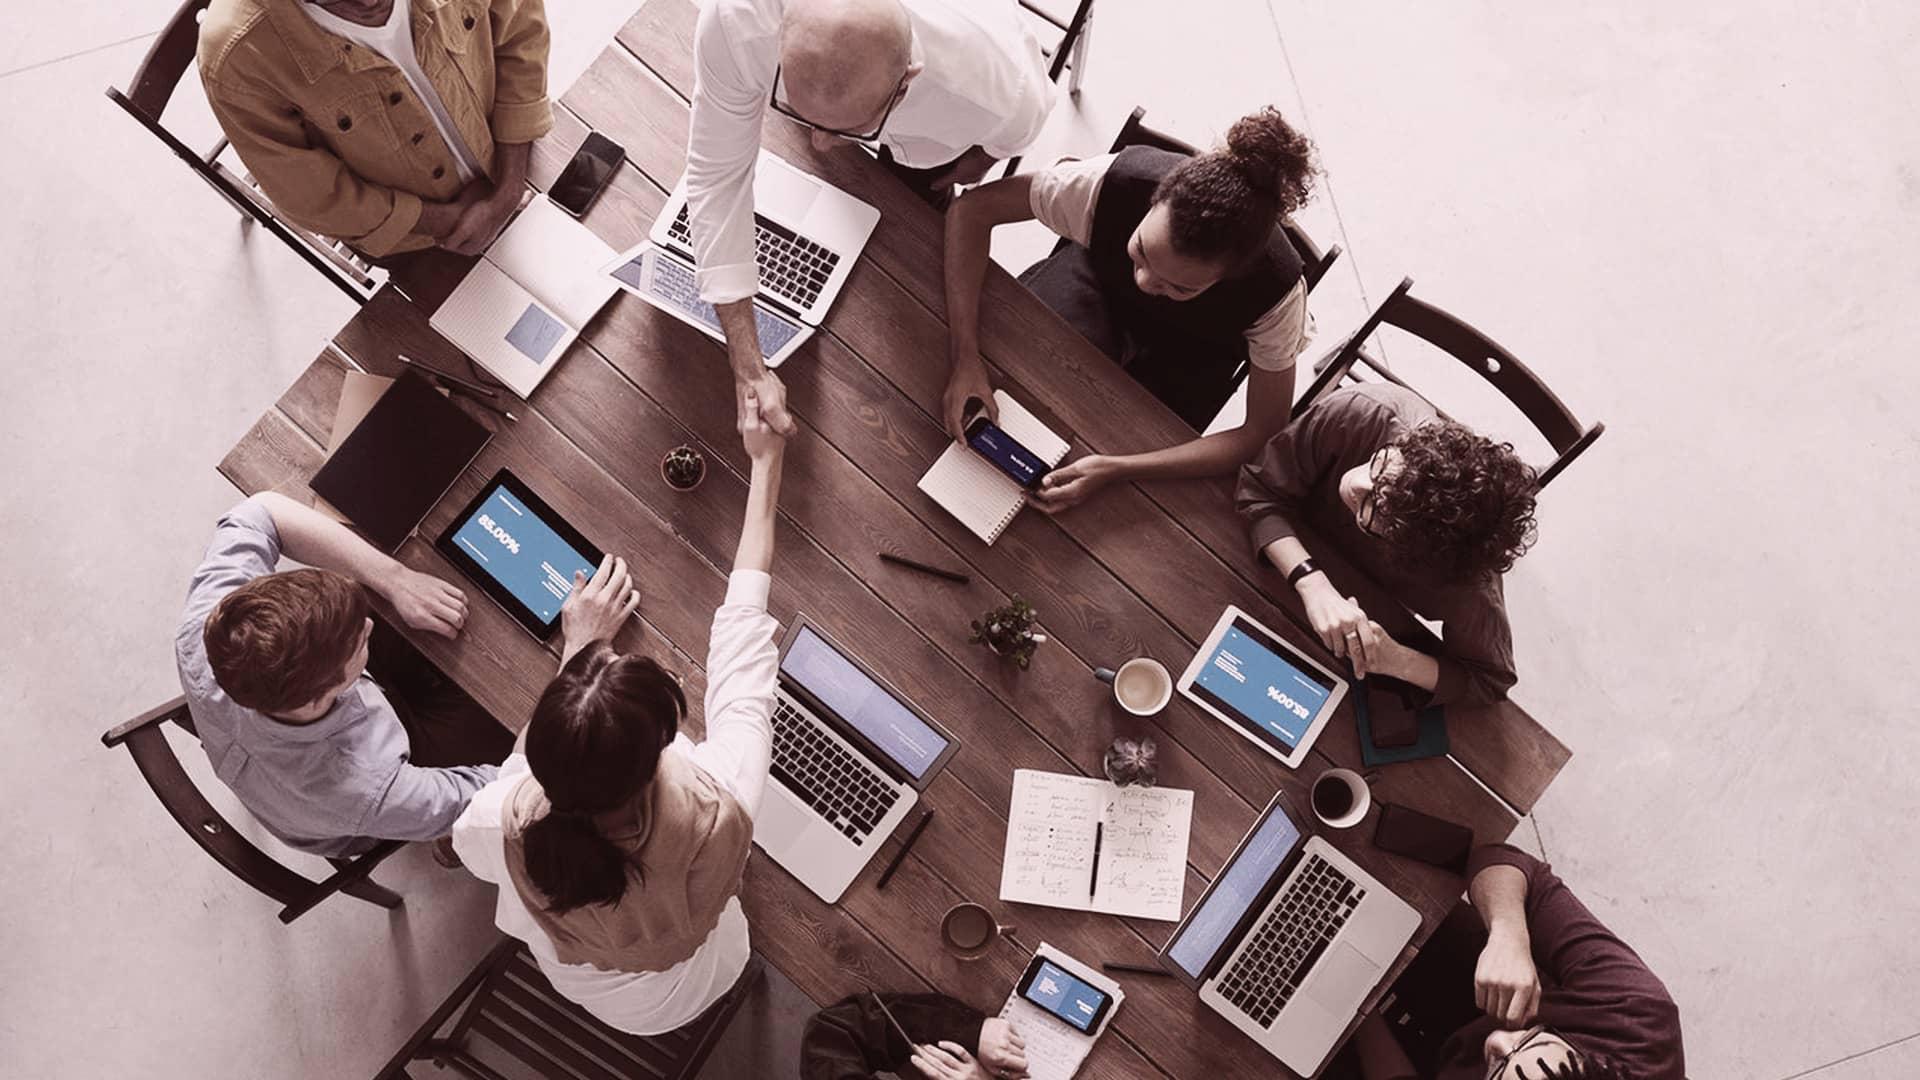 Claves del Reglamento P2B que regula las relaciones entre plataformas y empresas